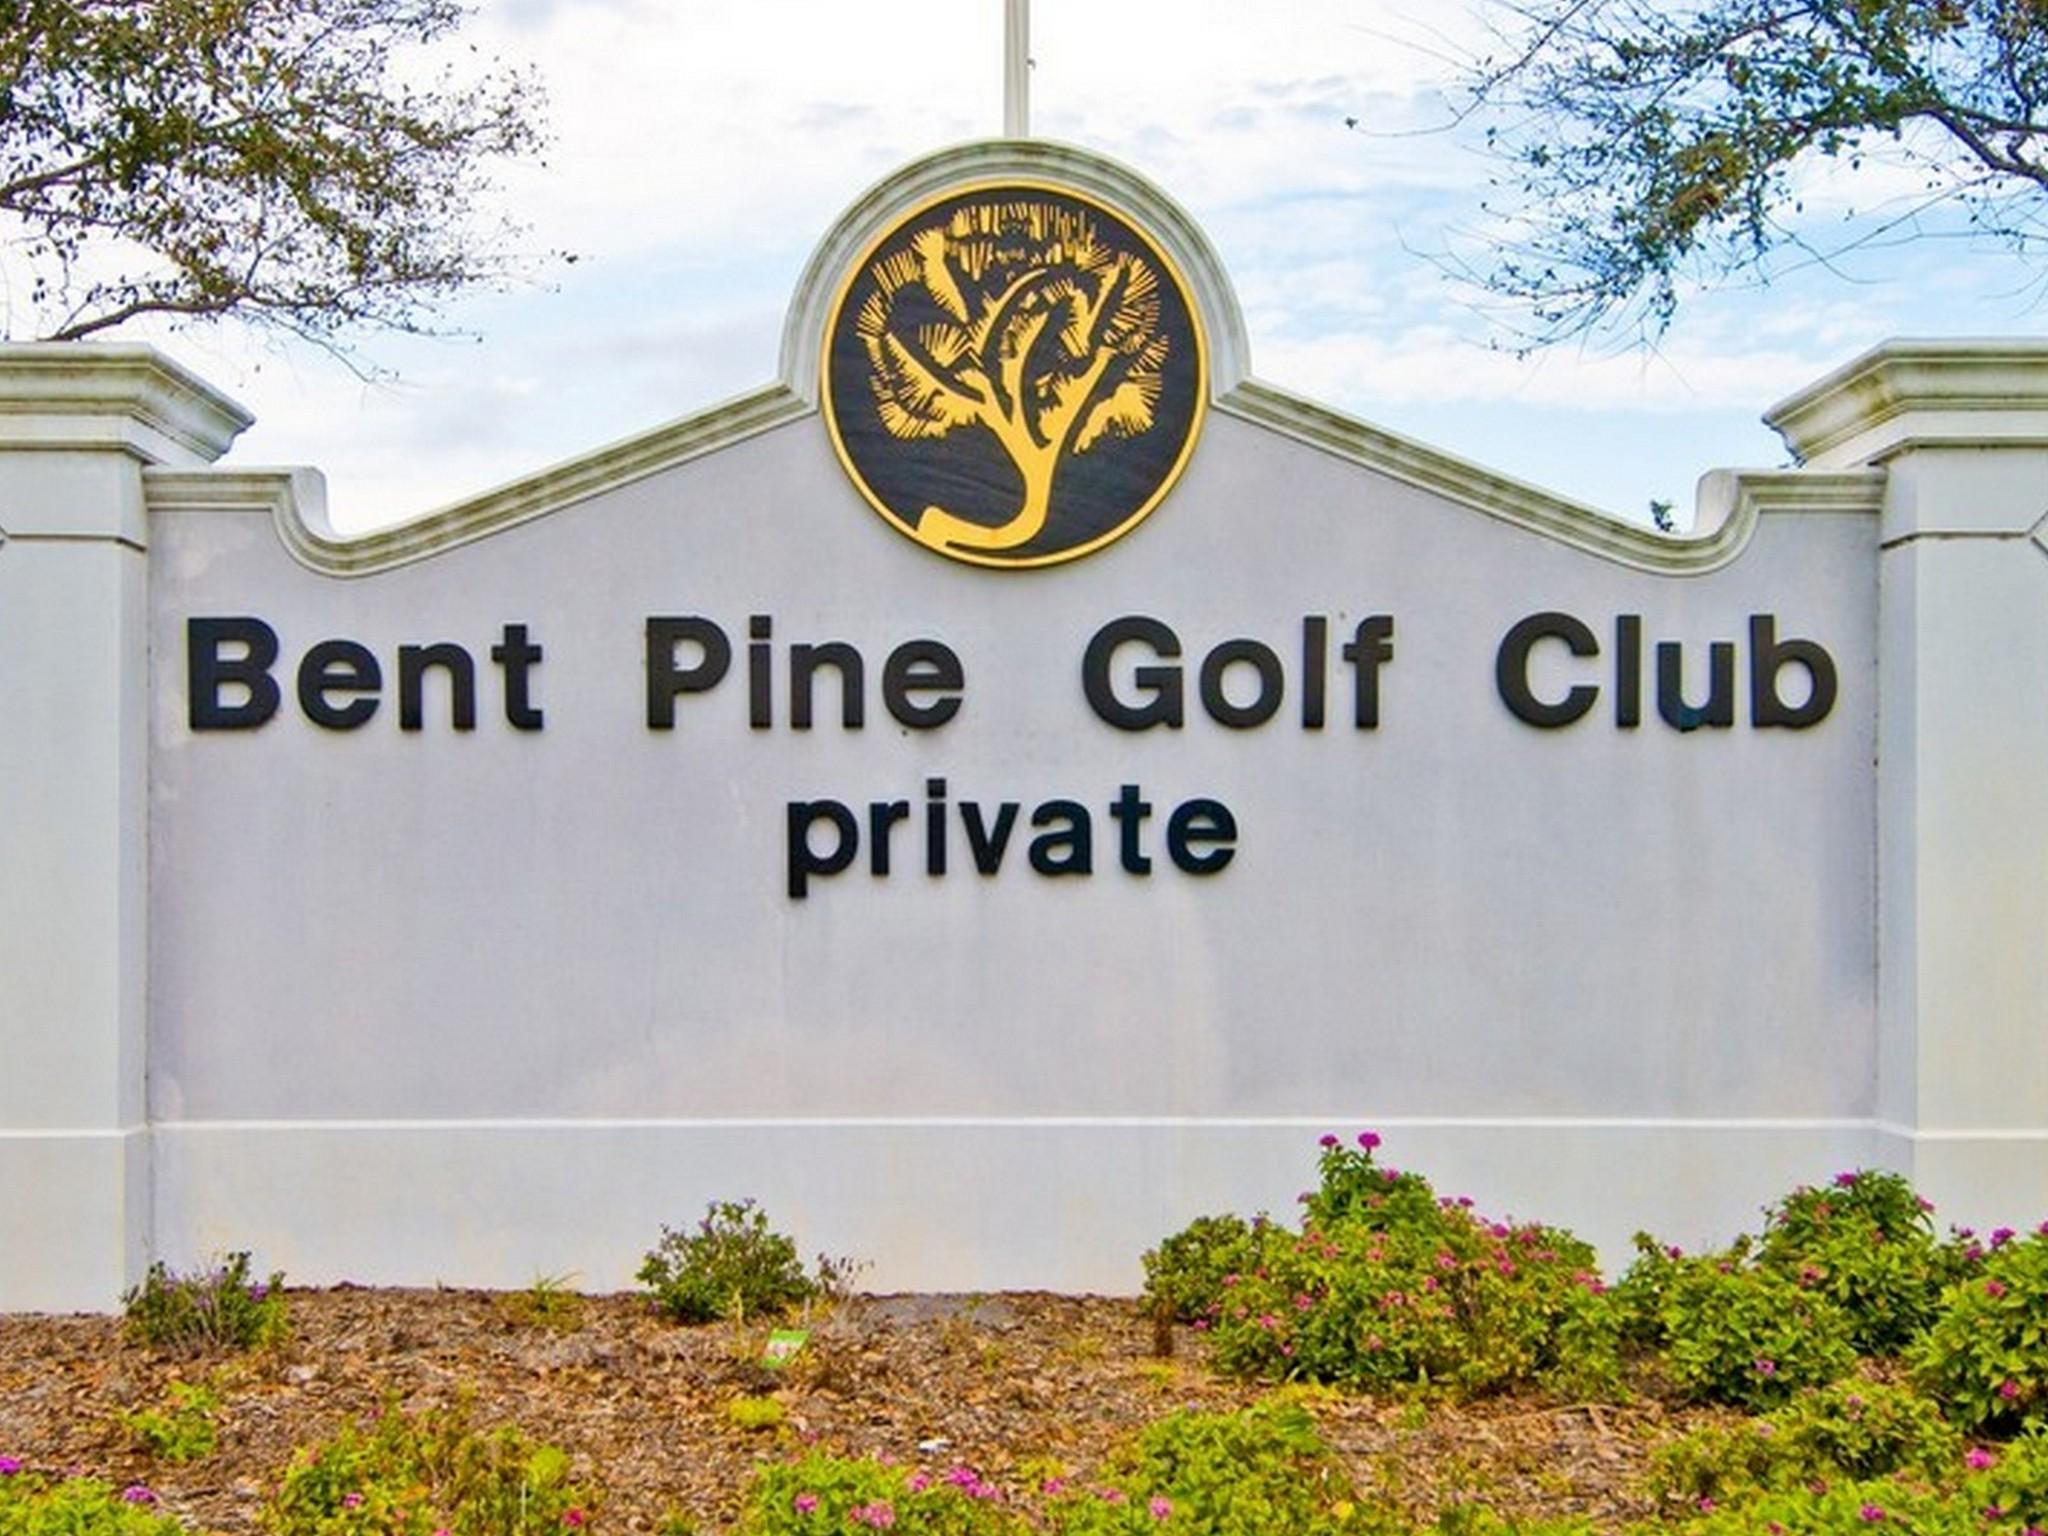 Terreno para Venda às Beautiful Homesite in Bent Pine 5750 Glen Eagle Lane Vero Beach, Florida, 32967 Estados Unidos